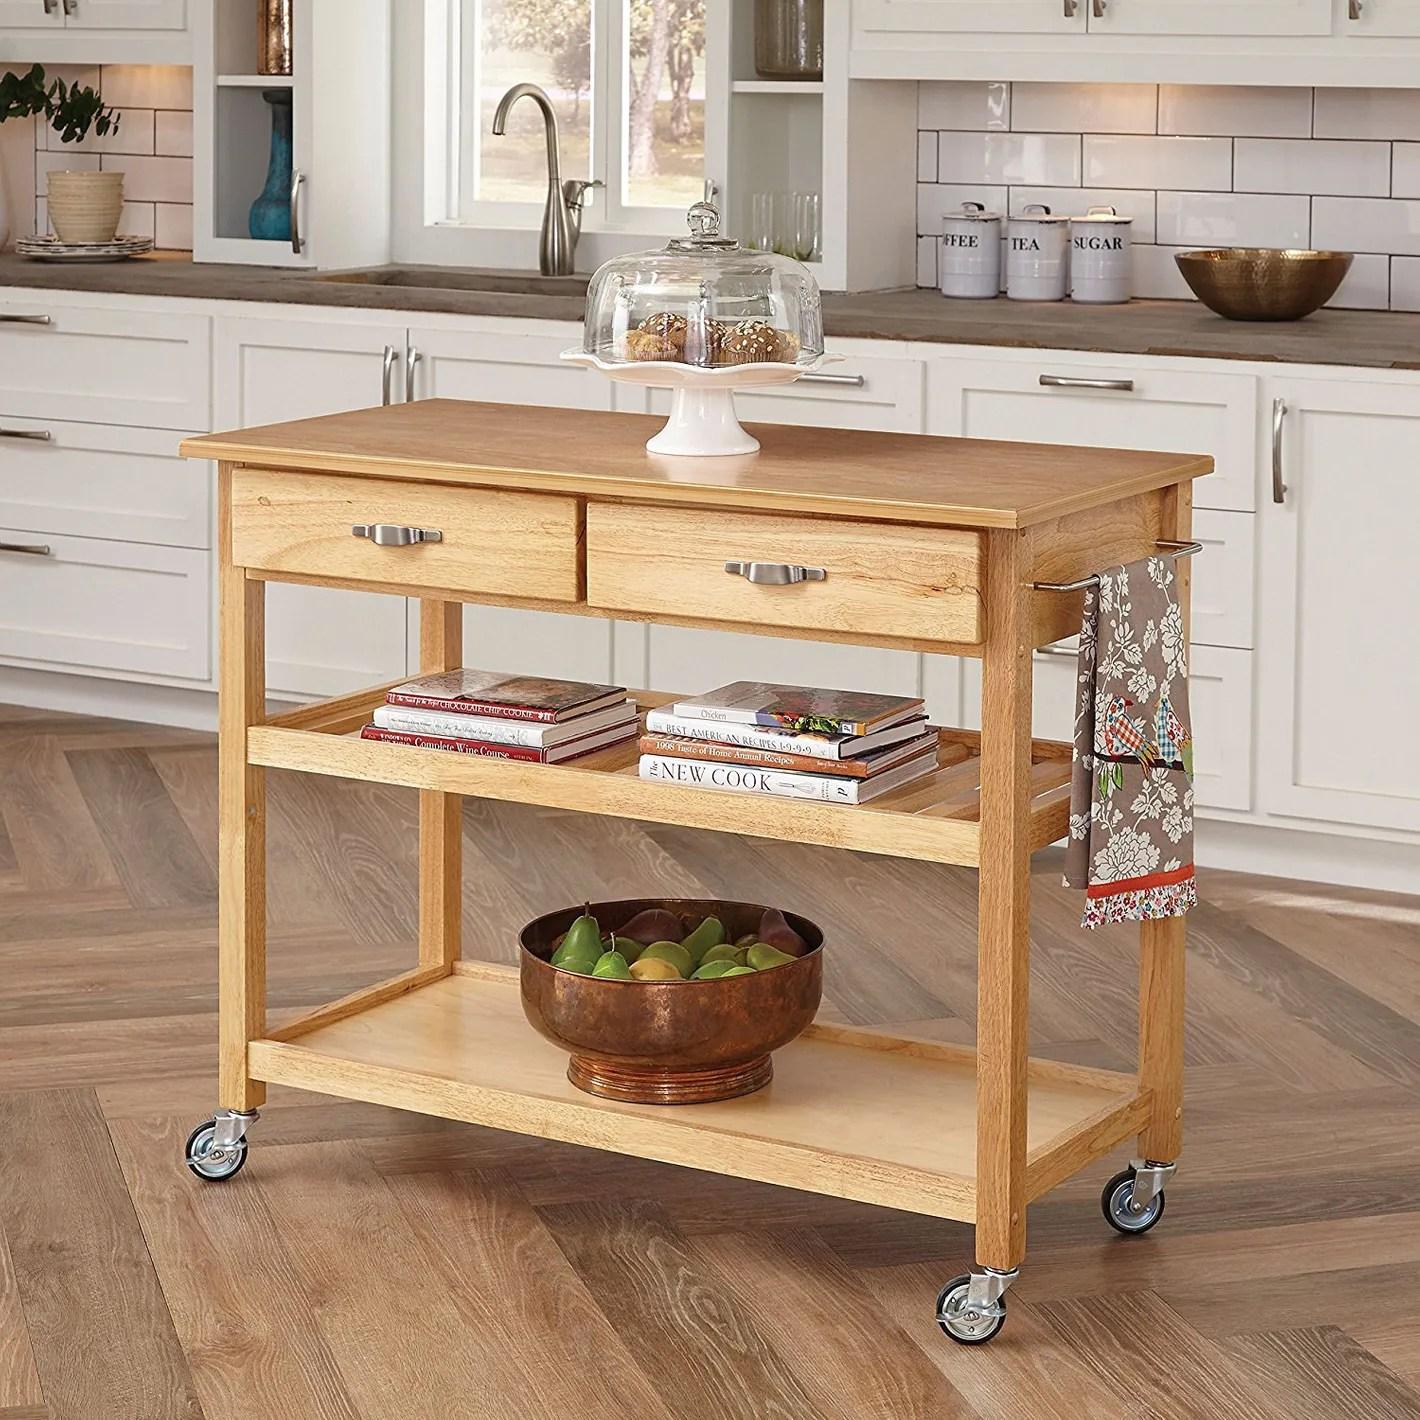 Mind Kitchen Design Home Styles Solid Wood Kitchen Finish Kitchen Islands Narrow Kitchens Islands Carts 2018 Islands kitchen Islands In The Kitchen